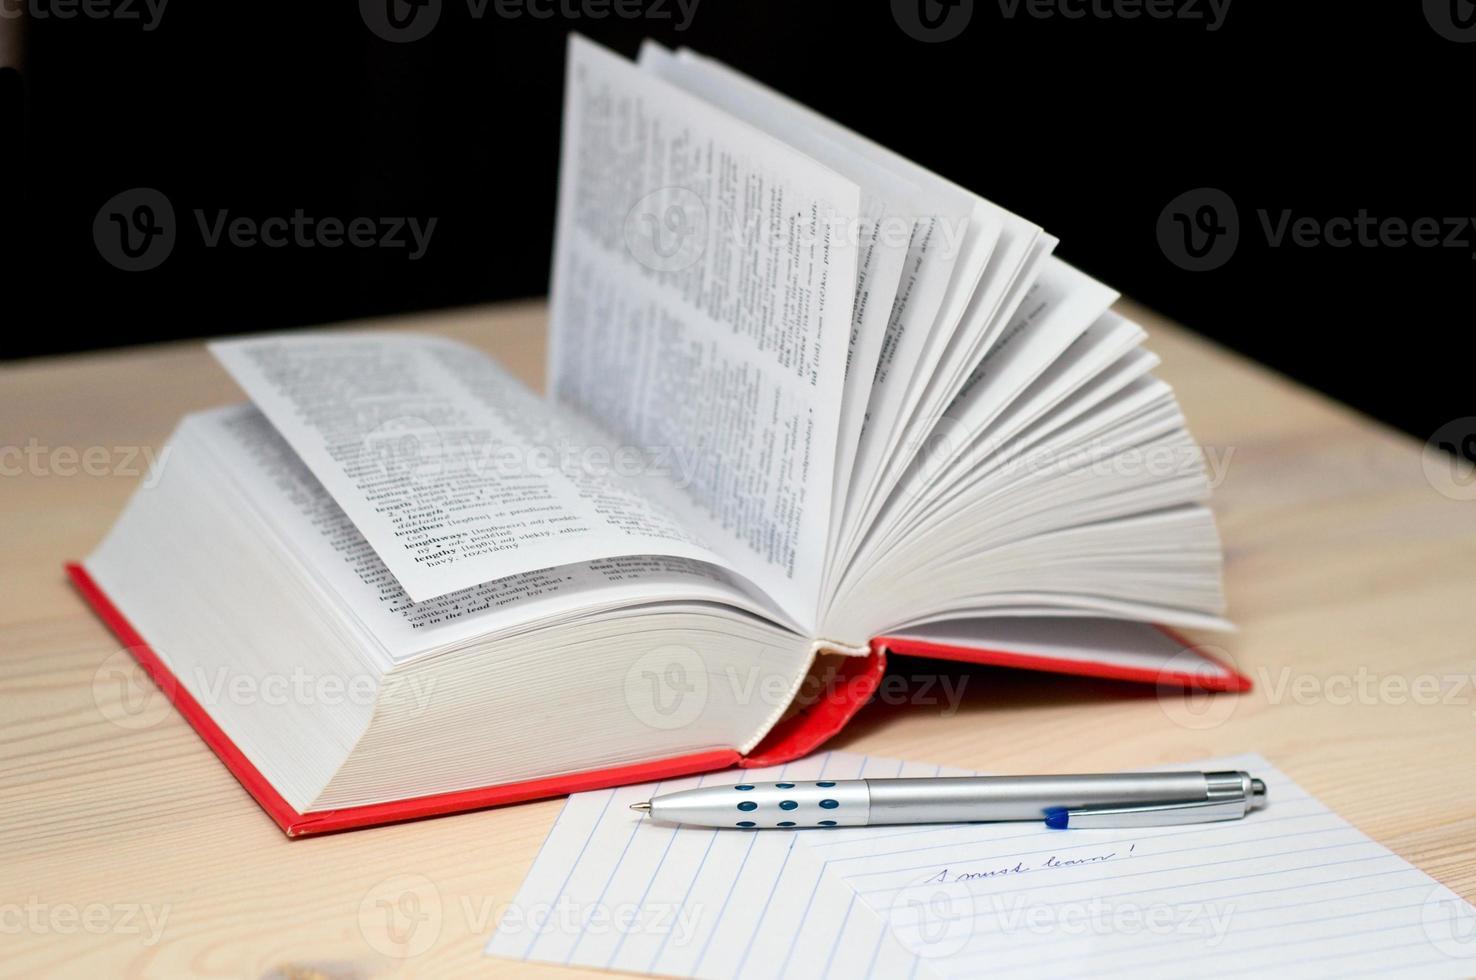 ¡debo aprender! foto